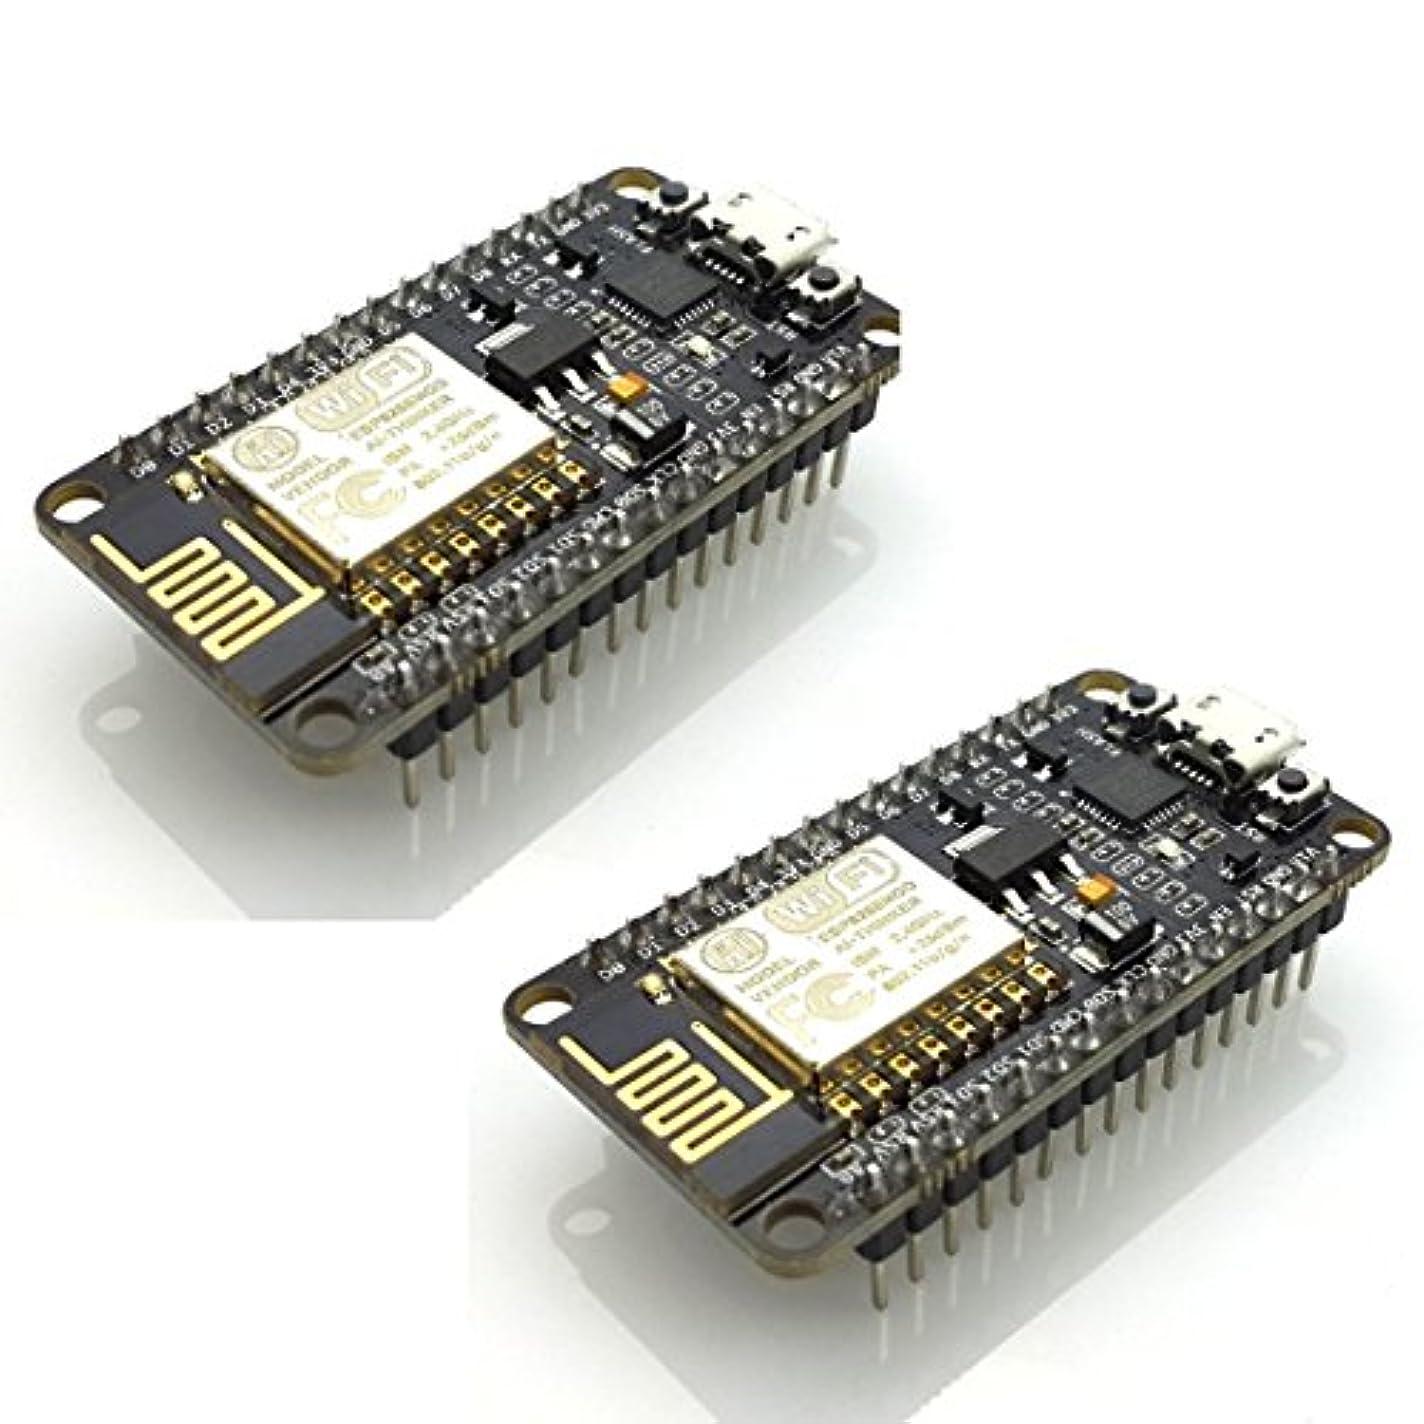 否認する持参モネHiLetgo 2個セット ESP8266 NodeMCU LUA CP2102 ESP-12E モノのインターネット開発ボード ESP8266 無線受信発信モジュール WIFIモジュール Arduinoに適用 [並行輸入品]